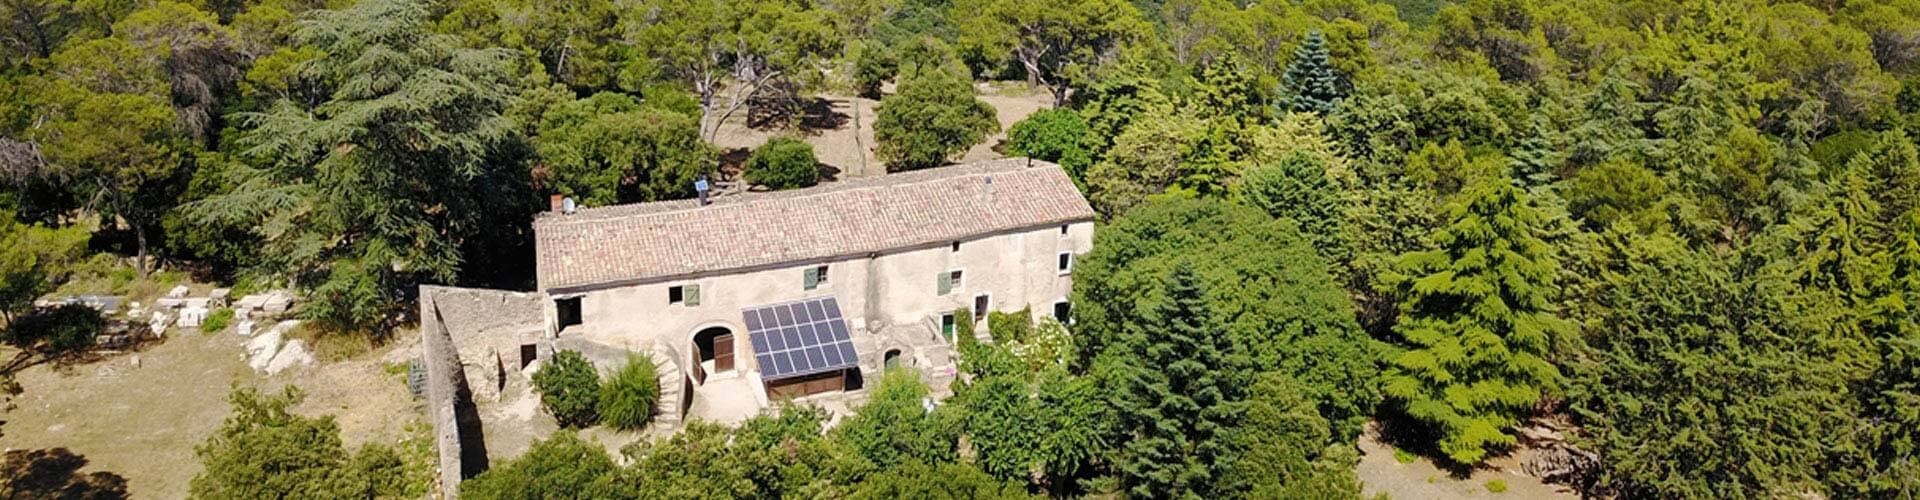 La Maison des Légendes à Saint Guilheme le désert en Coeur d'Hérault